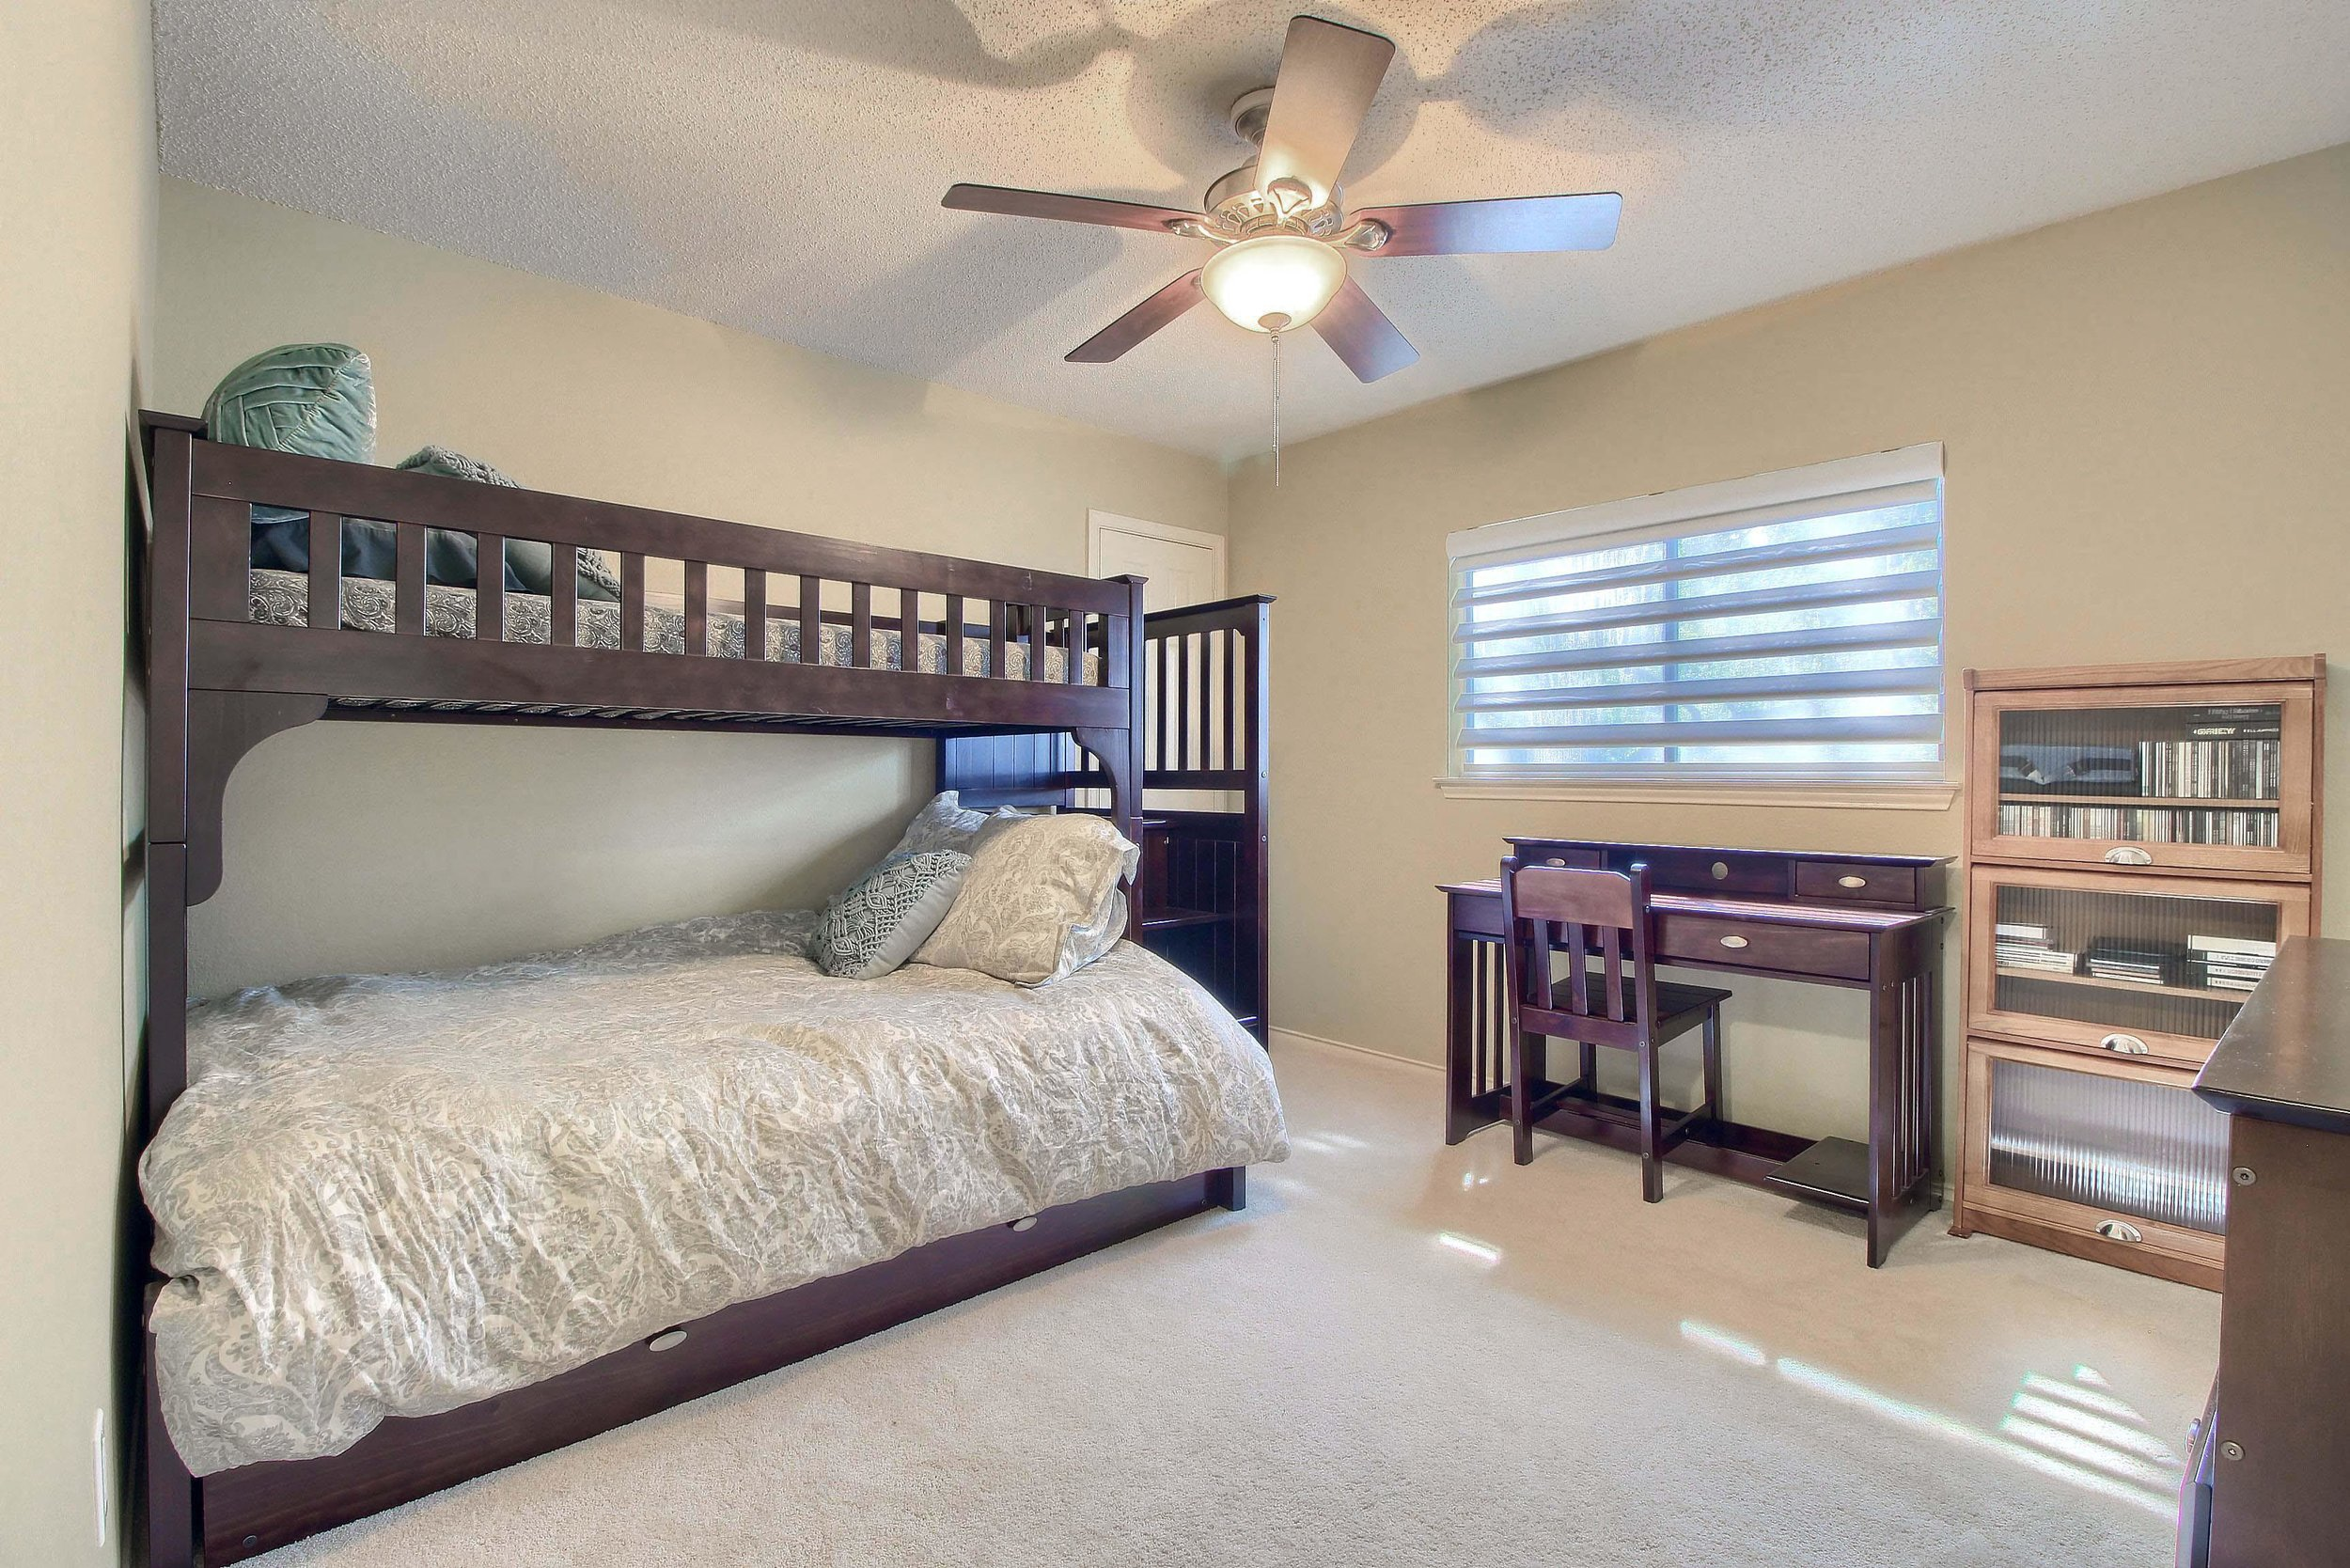 06_Bedroom_IMG_8801.JPG